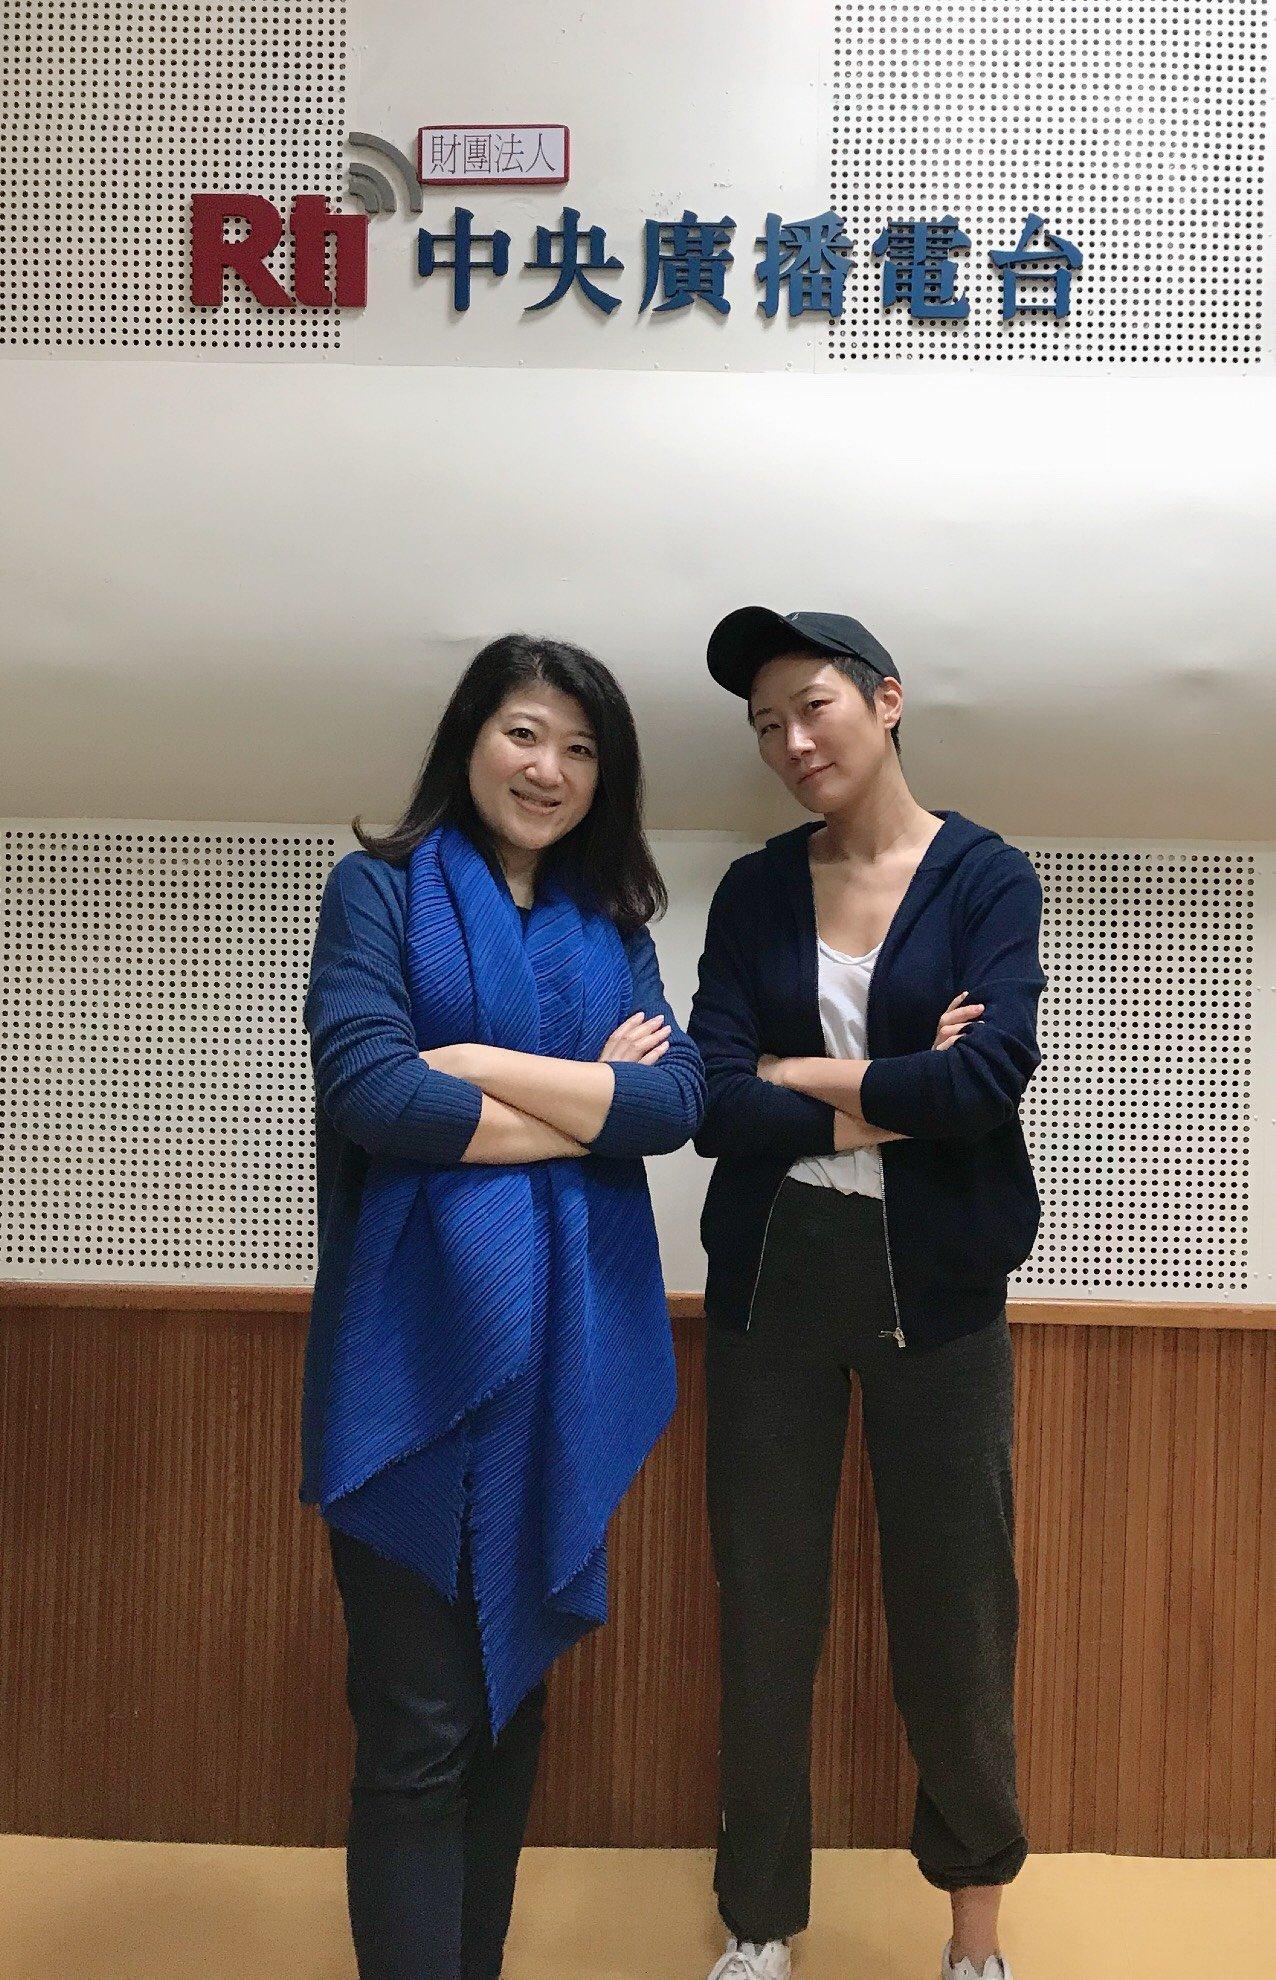 台北當代藝術博覽會台北舉行